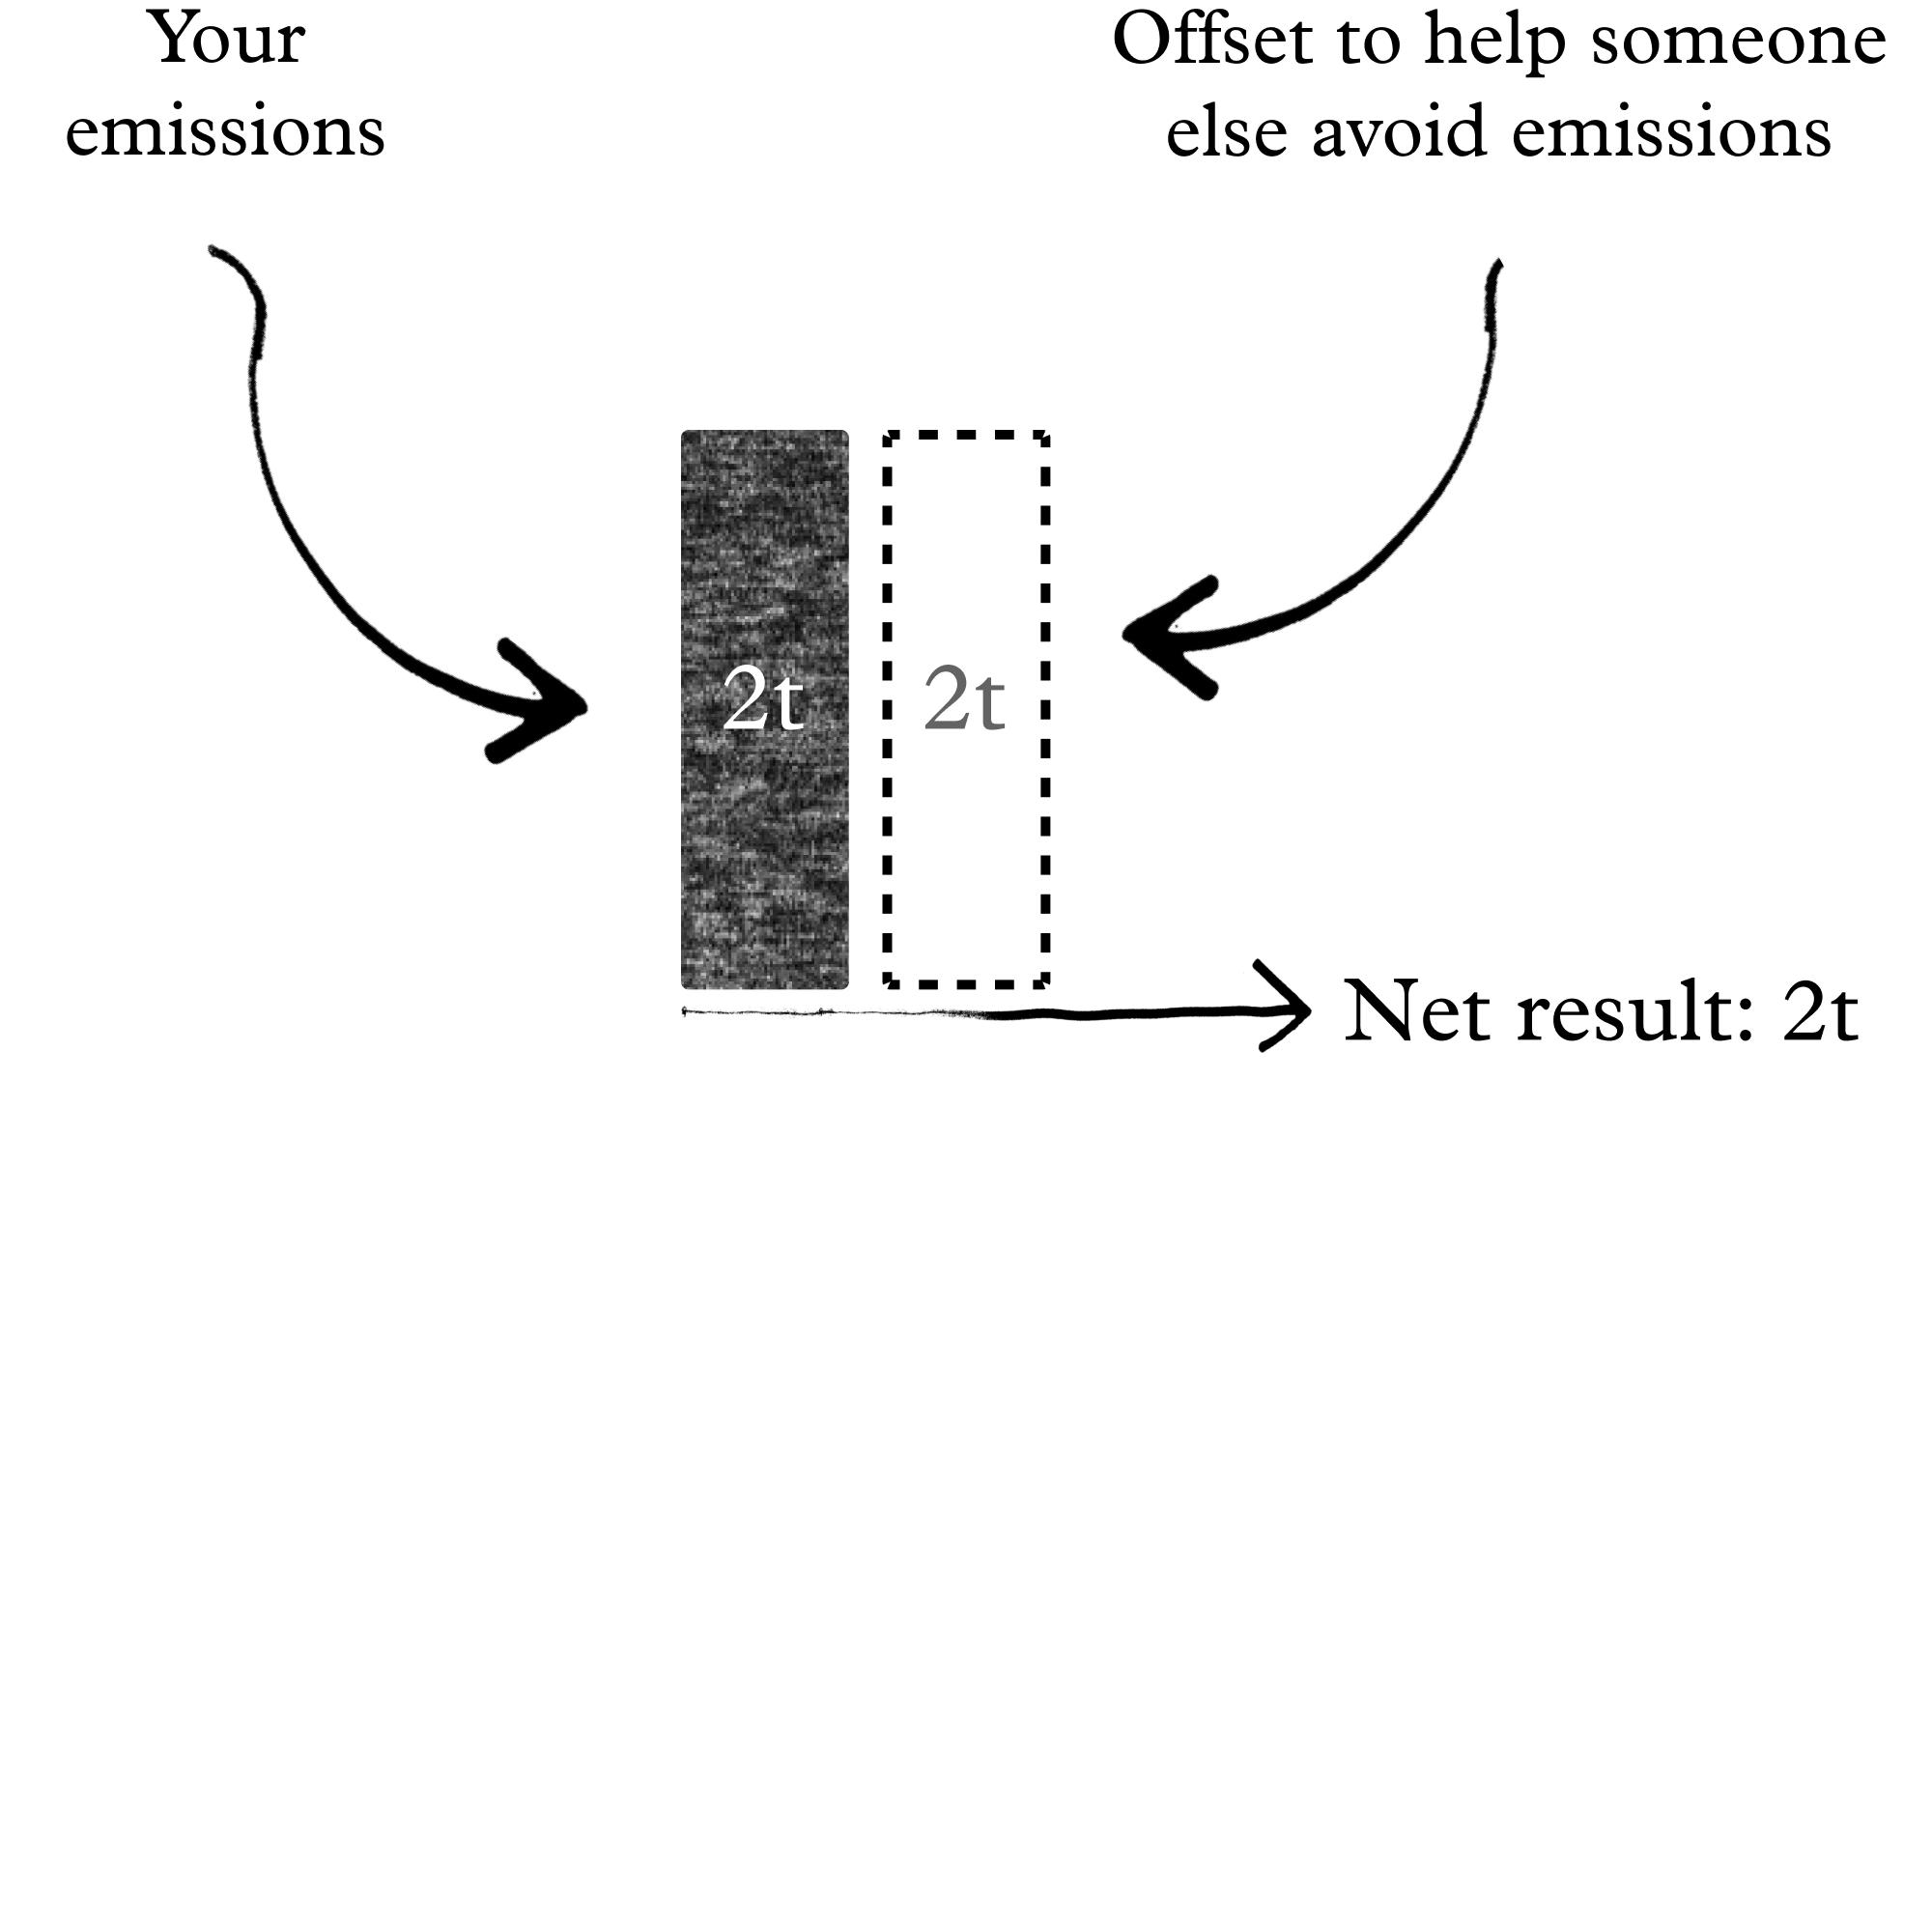 netzero expl 1